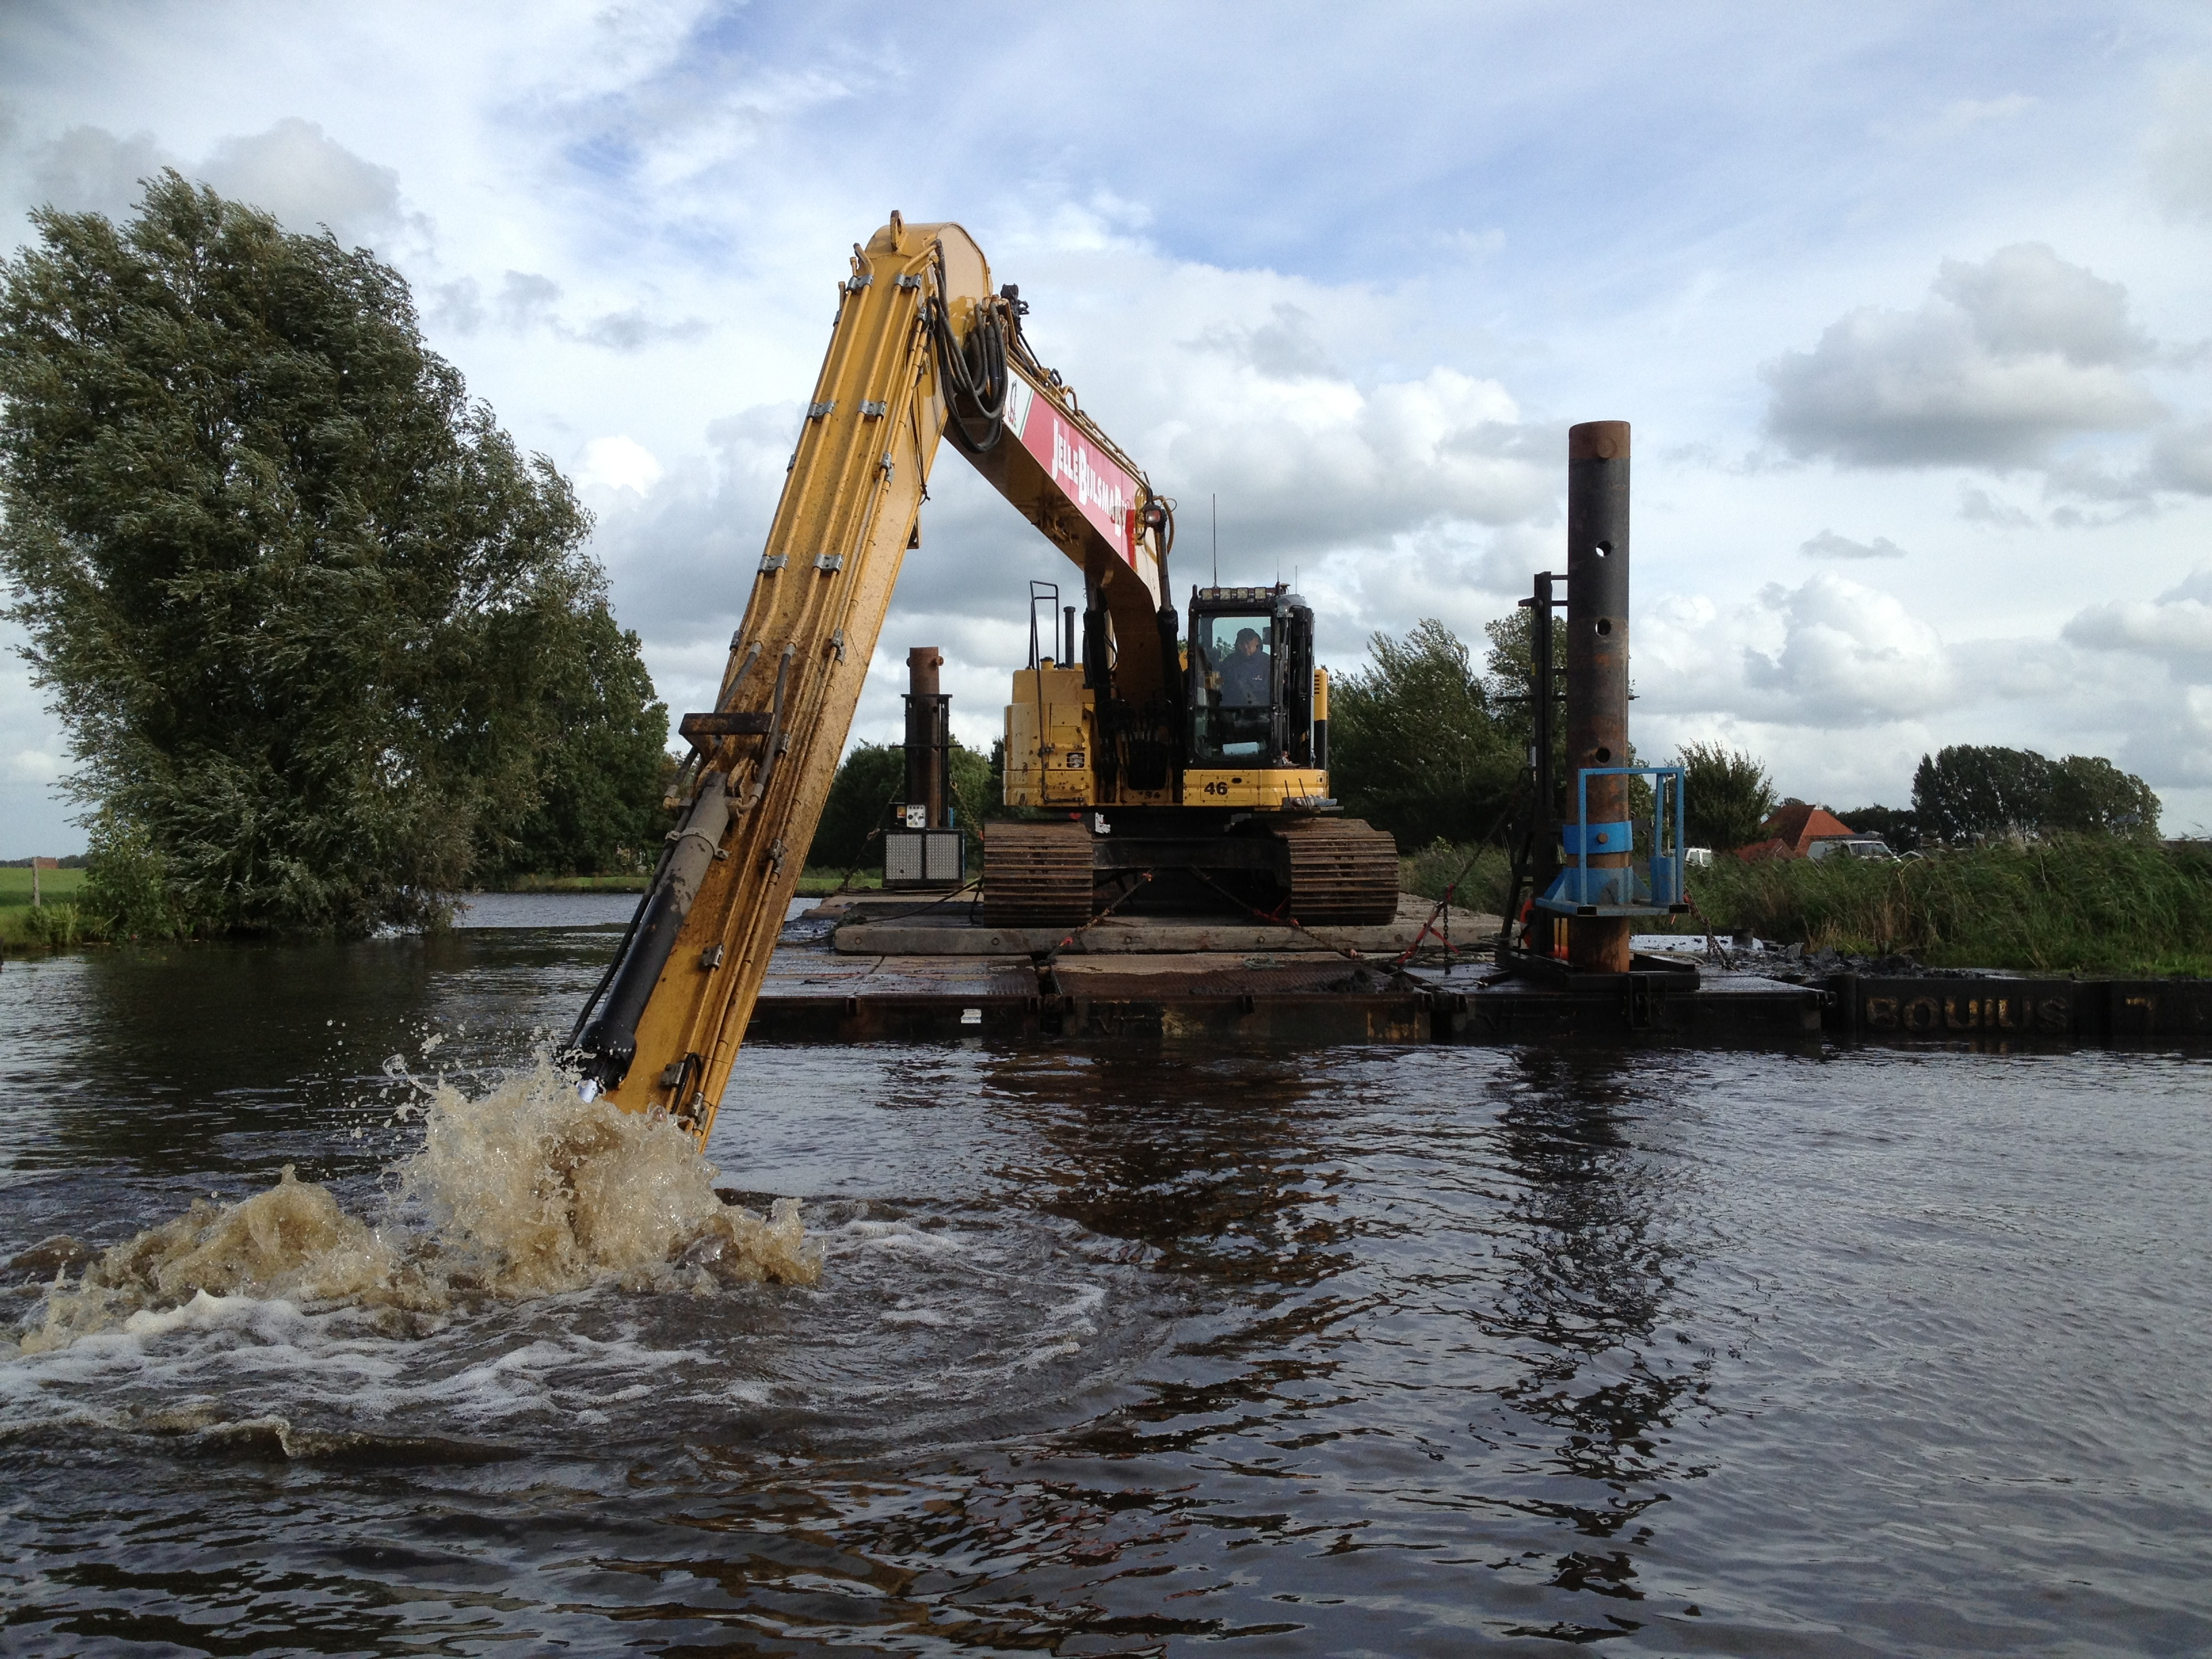 <p>Voor het uitbaggeren van waterwegen beschikt het Friese bedrijf over een eigen baggerponton.</p>